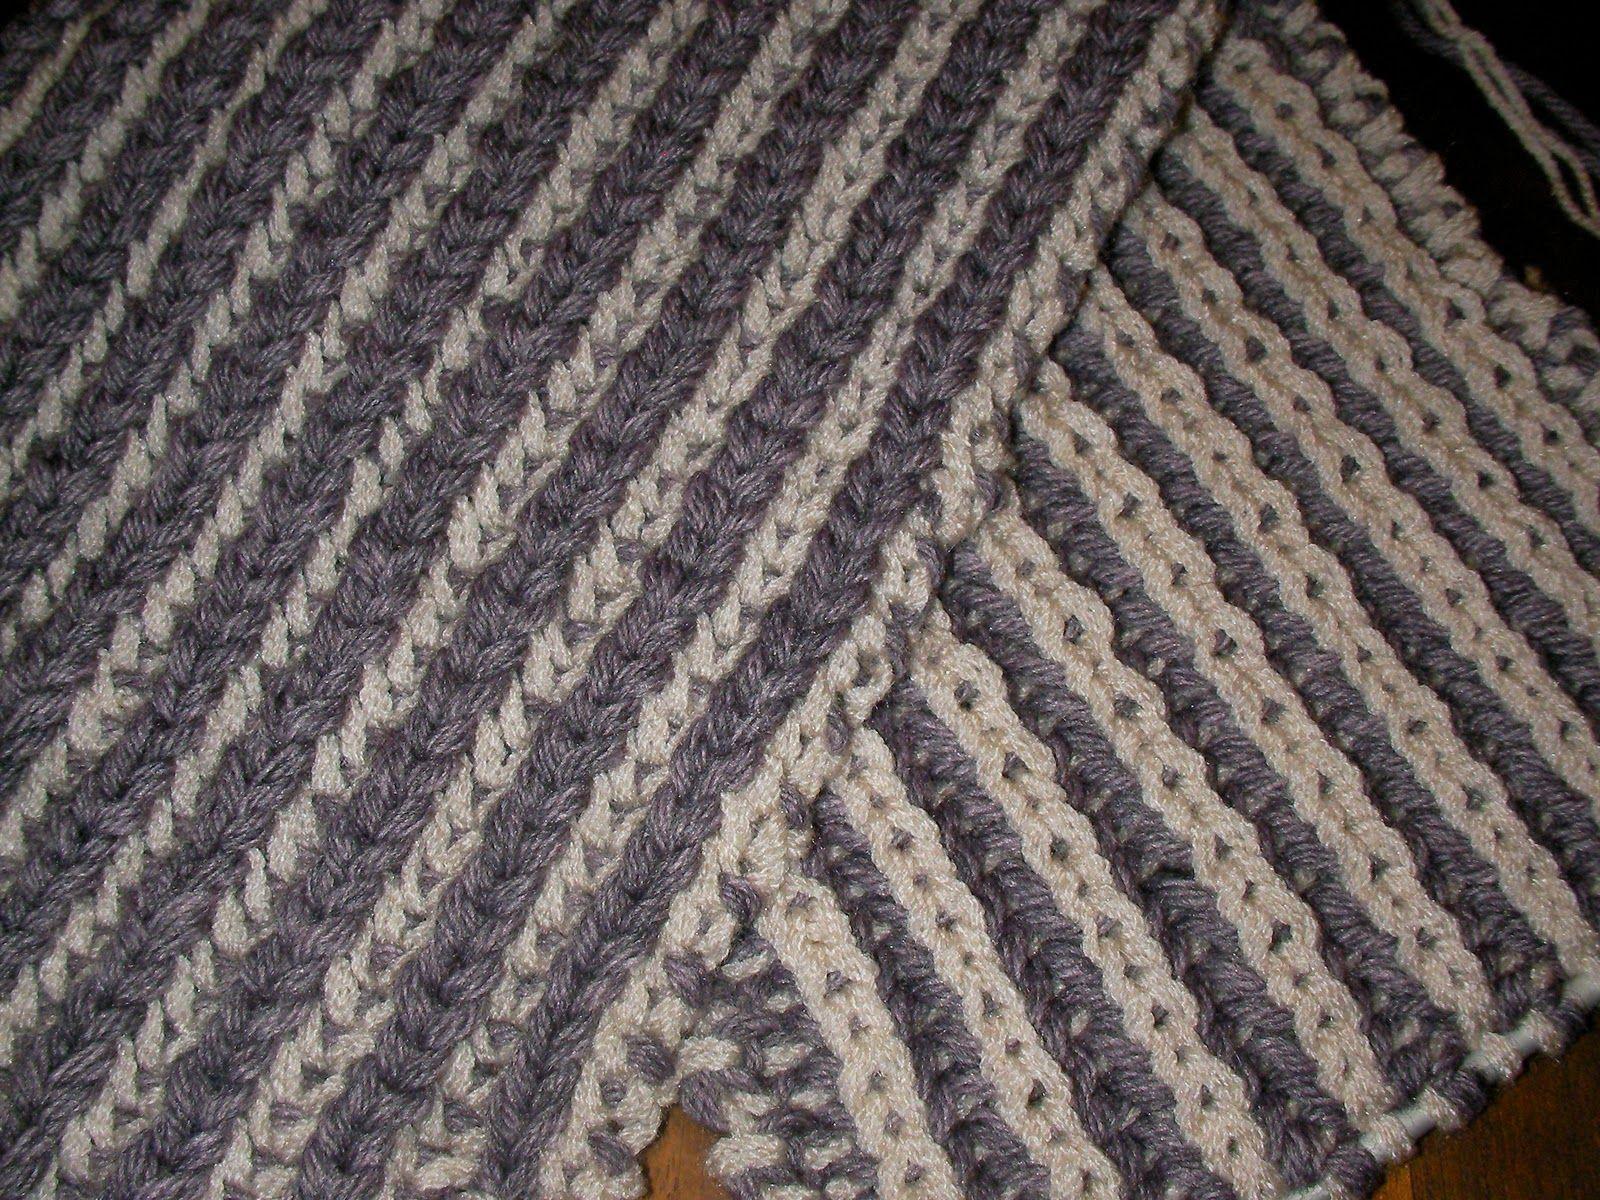 tricoter 2 laines ensemble